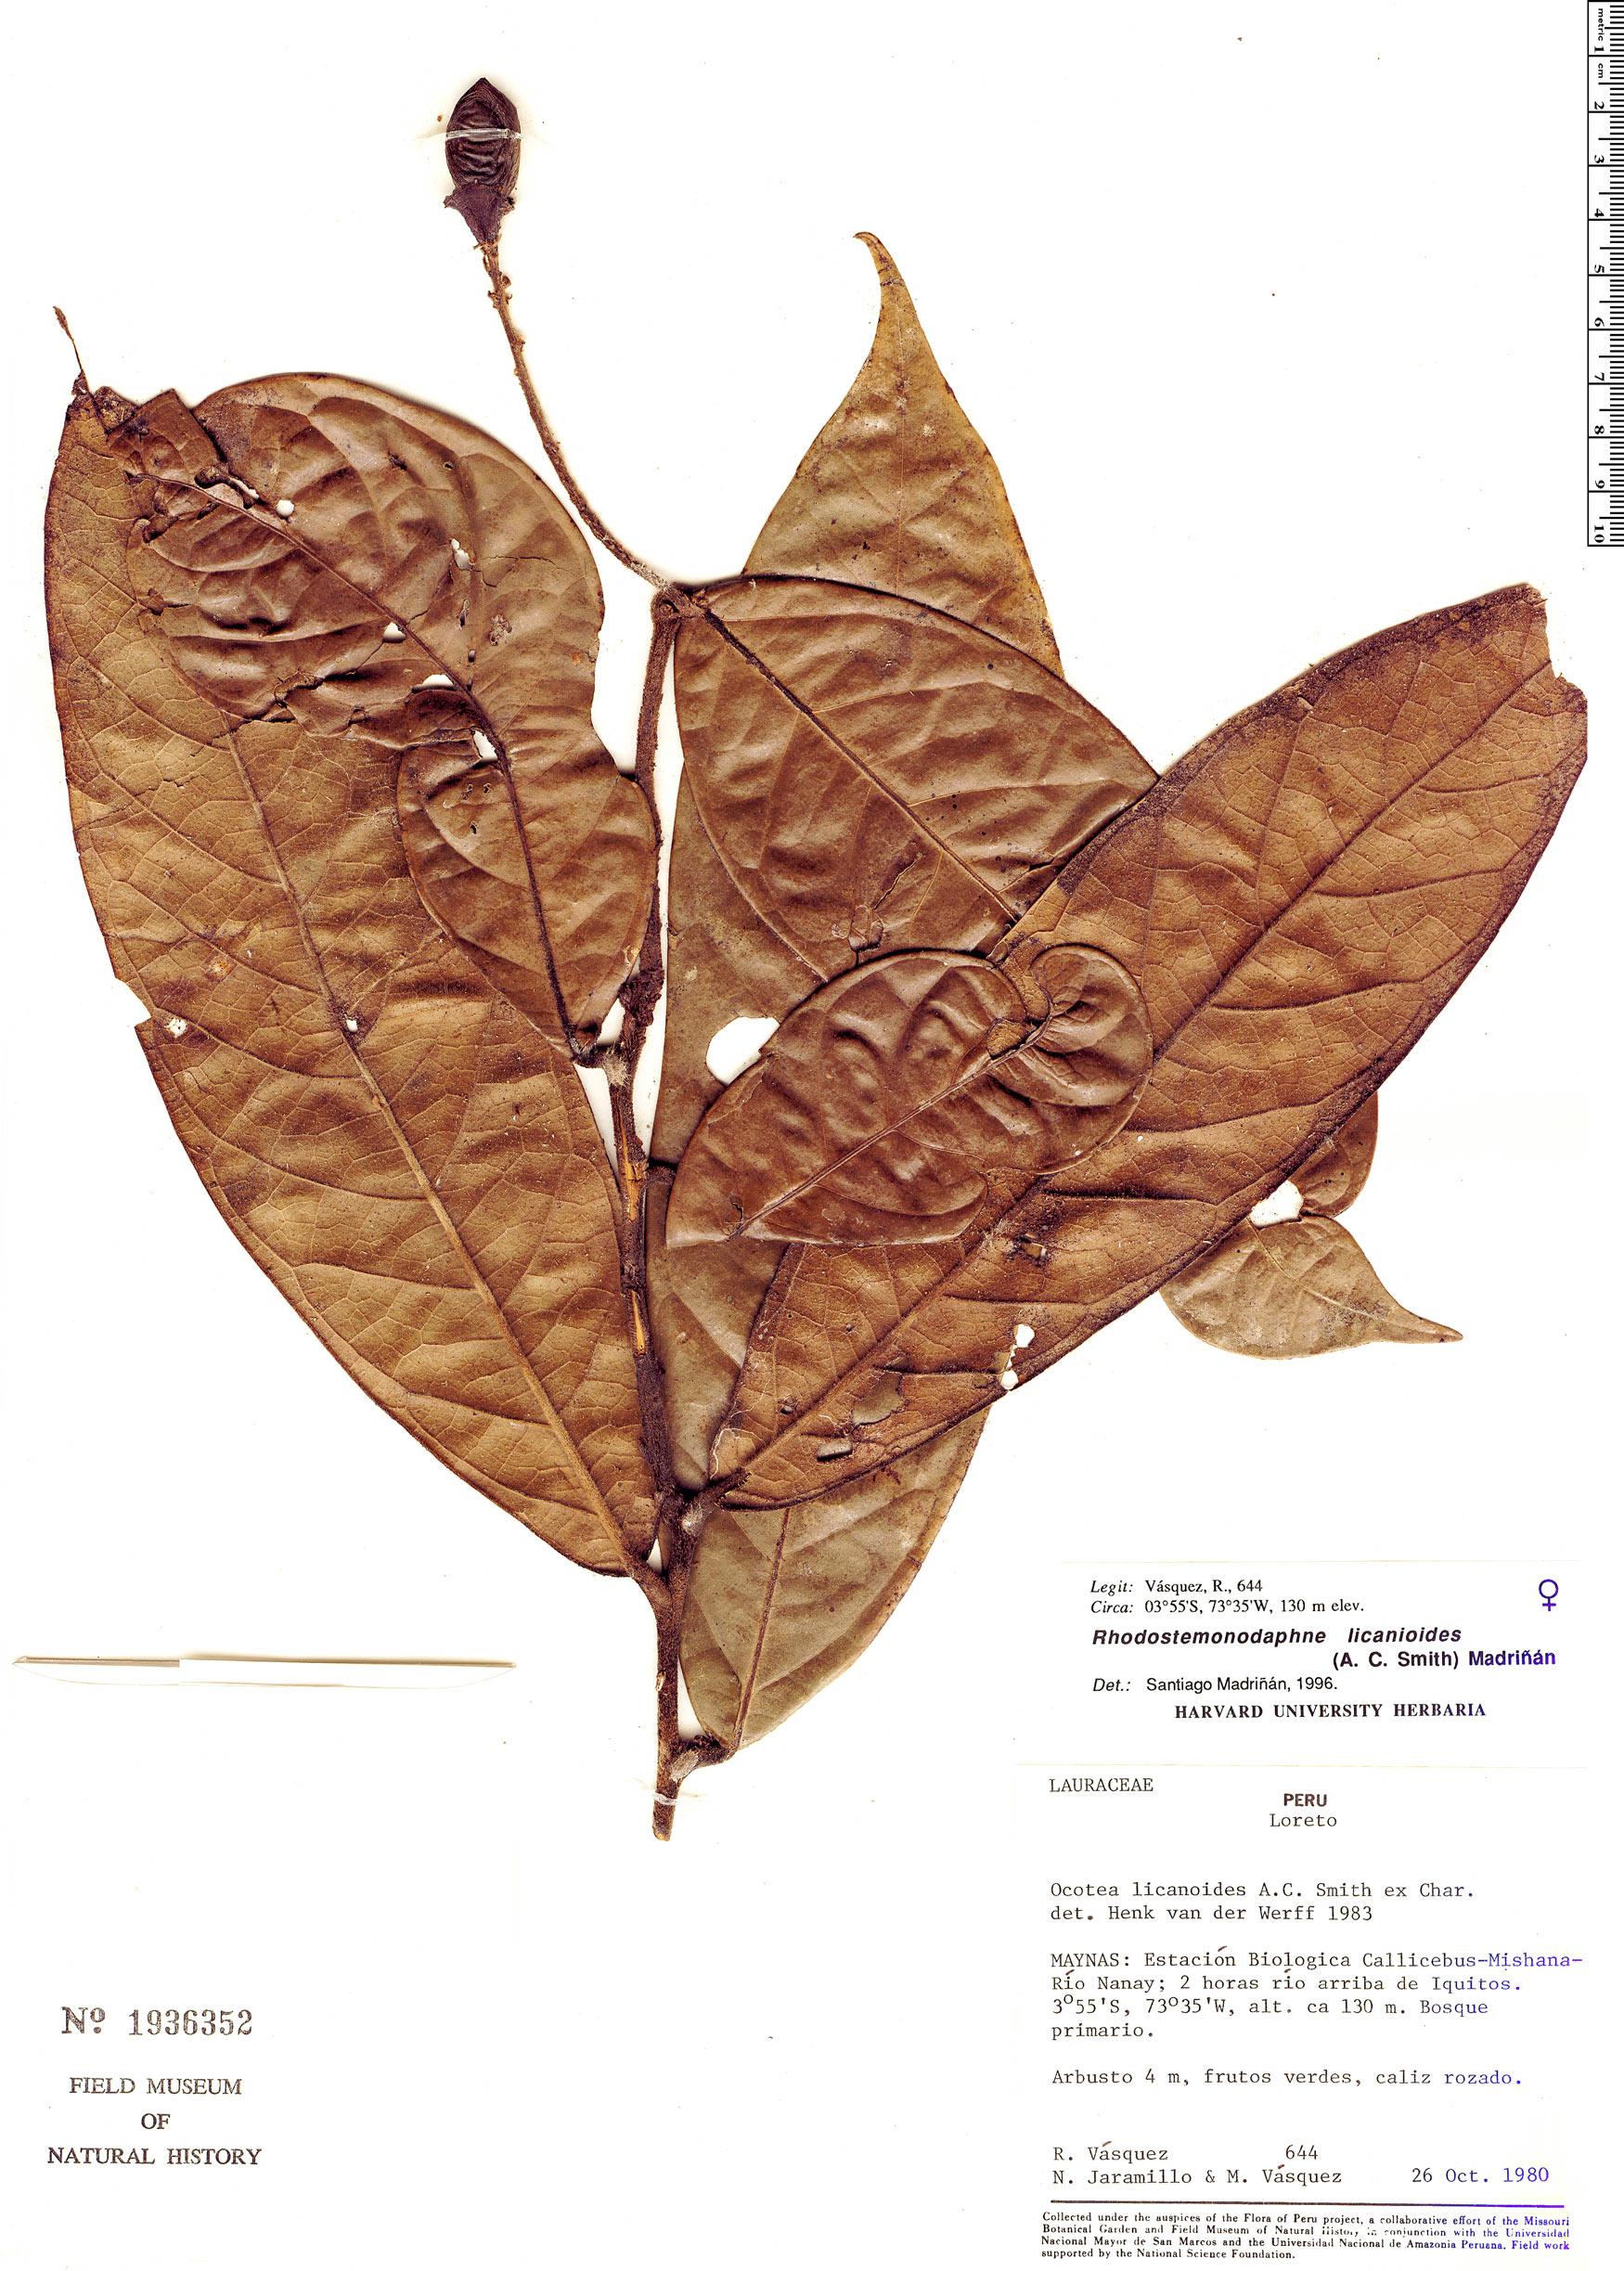 Specimen: Rhodostemonodaphne licanioides